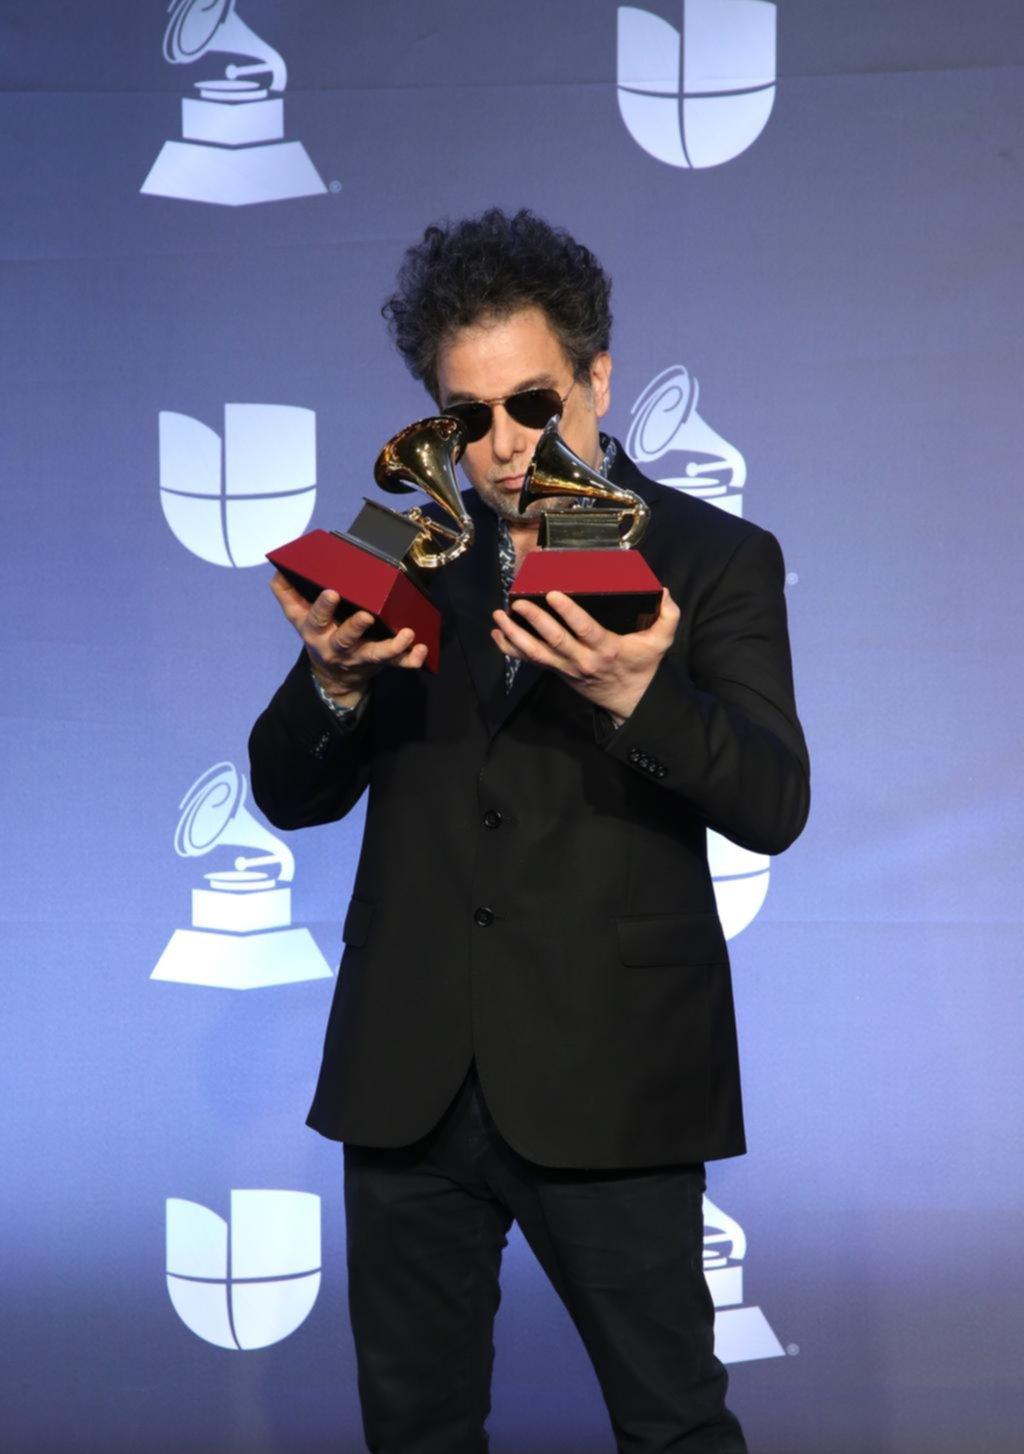 Noche argentina: Calamaro, Fito y hasta Cerati en la gran fiesta de los Grammy Latinos